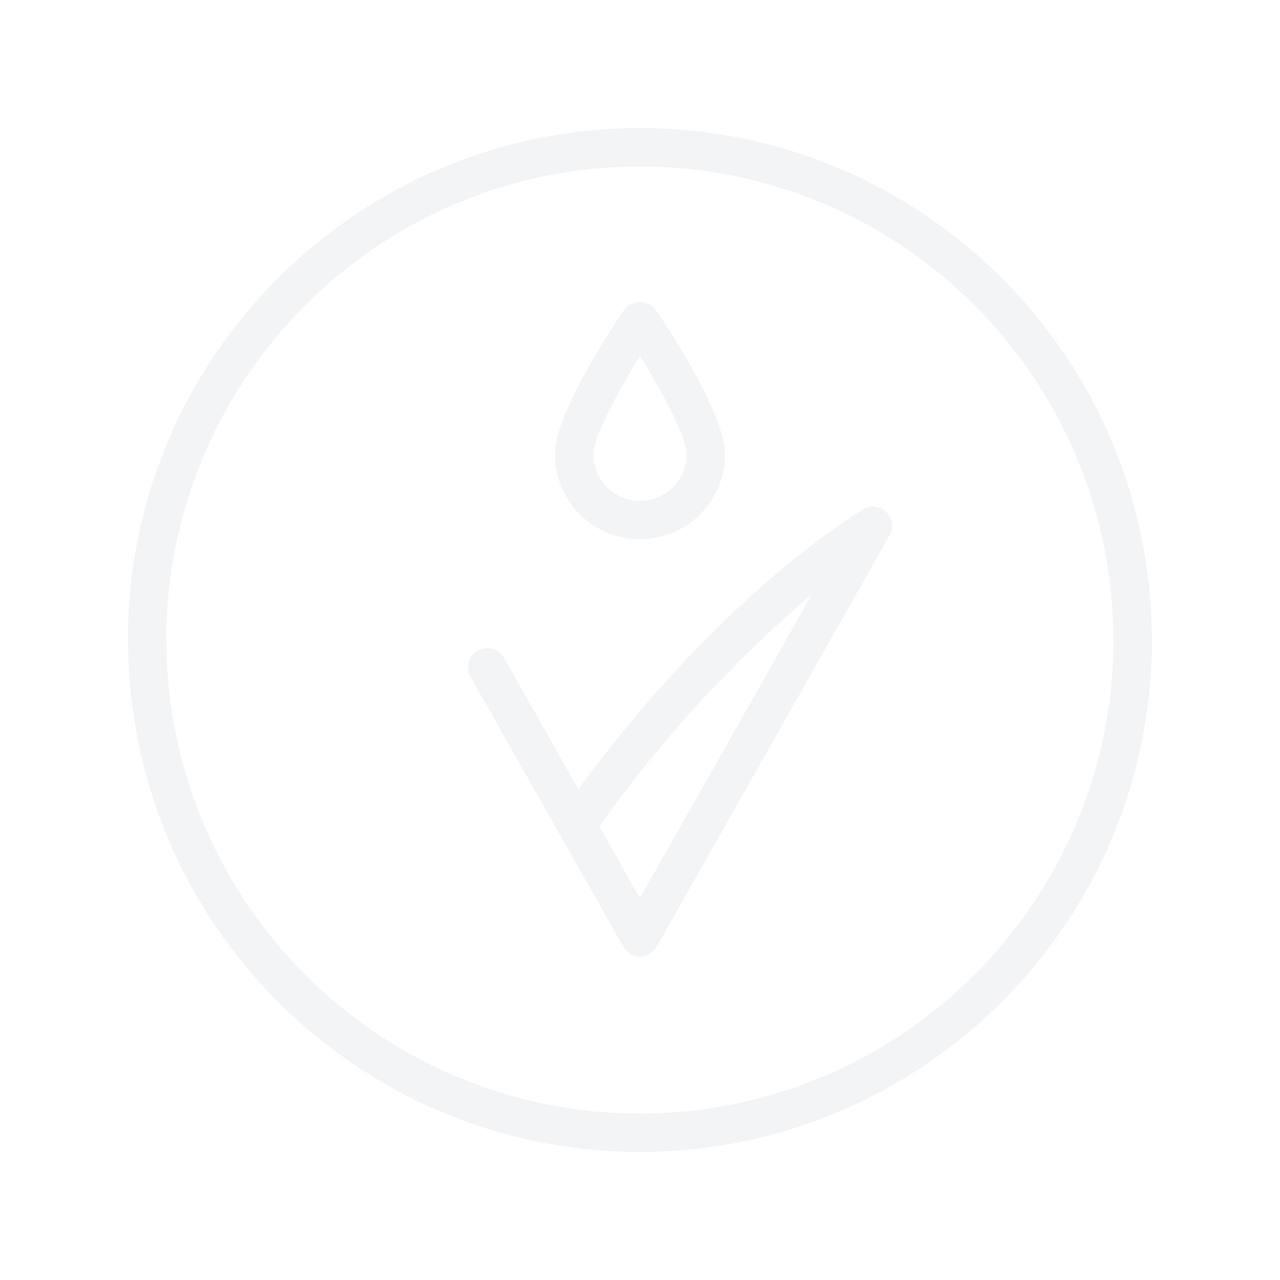 L'Oreal Super Liner Superstar Eyeliner Black